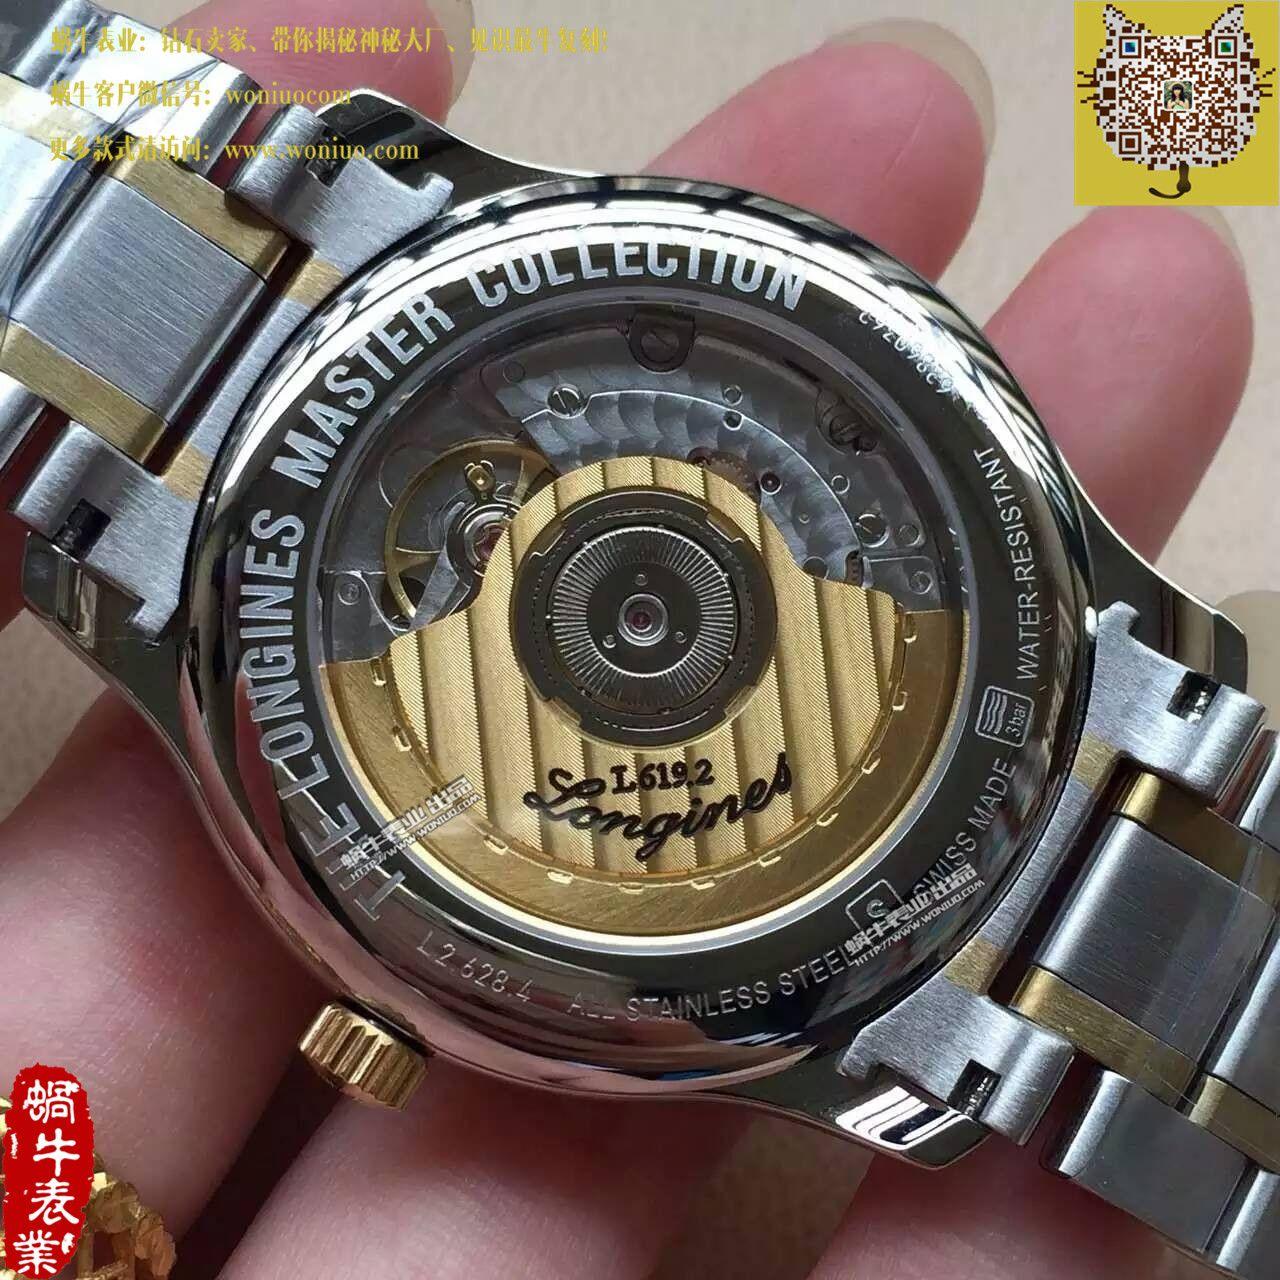 【MK厂一比一超A高仿手表】浪琴制表传统系列L2.628.5.57.7间金腕表 / L079